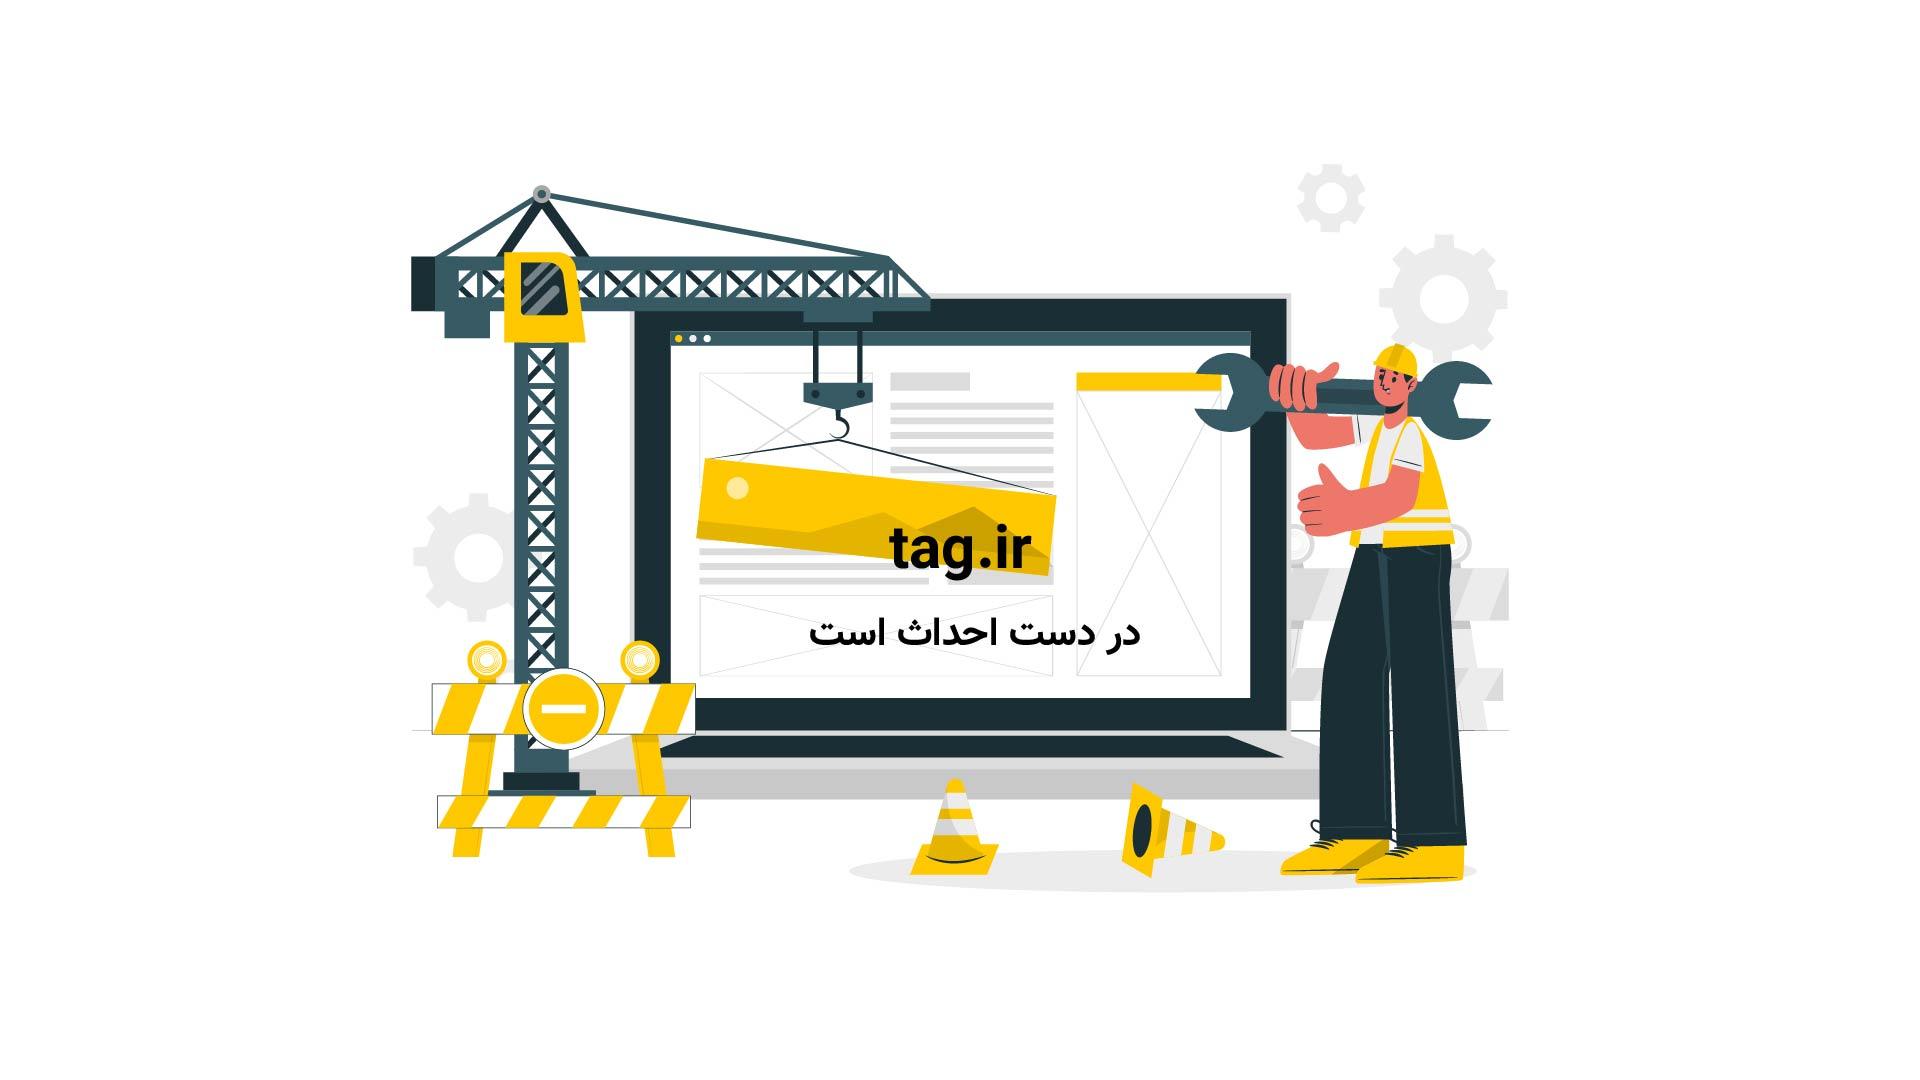 لحظاتی پس از انفجار مرگبار امروز در حله بغداد با شهادت ده ها تن از زائران ایرانی اربعین | فیلم